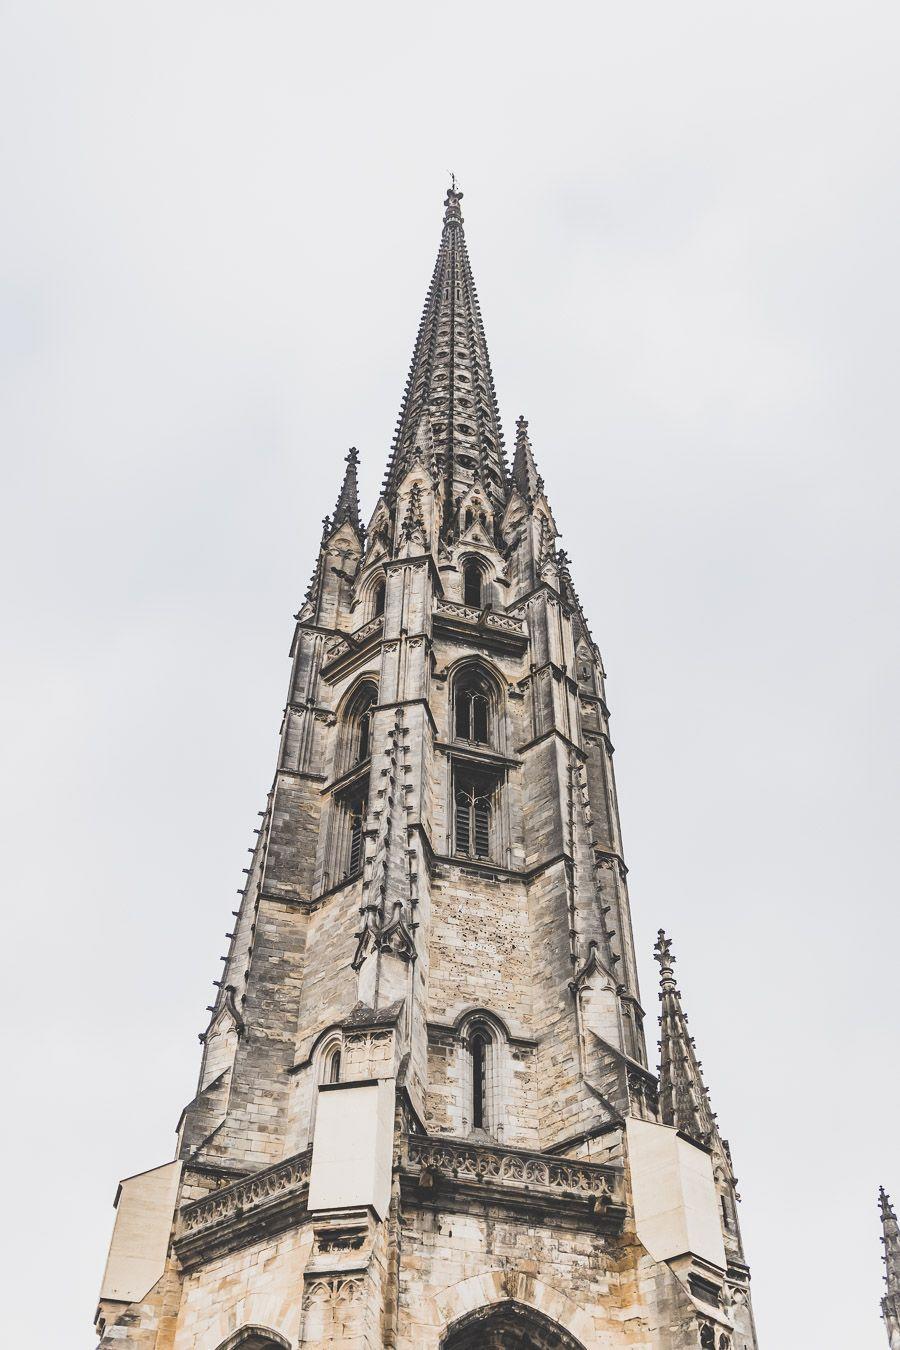 Visiter Bordeaux en 2 jours - la flèche St-Michel